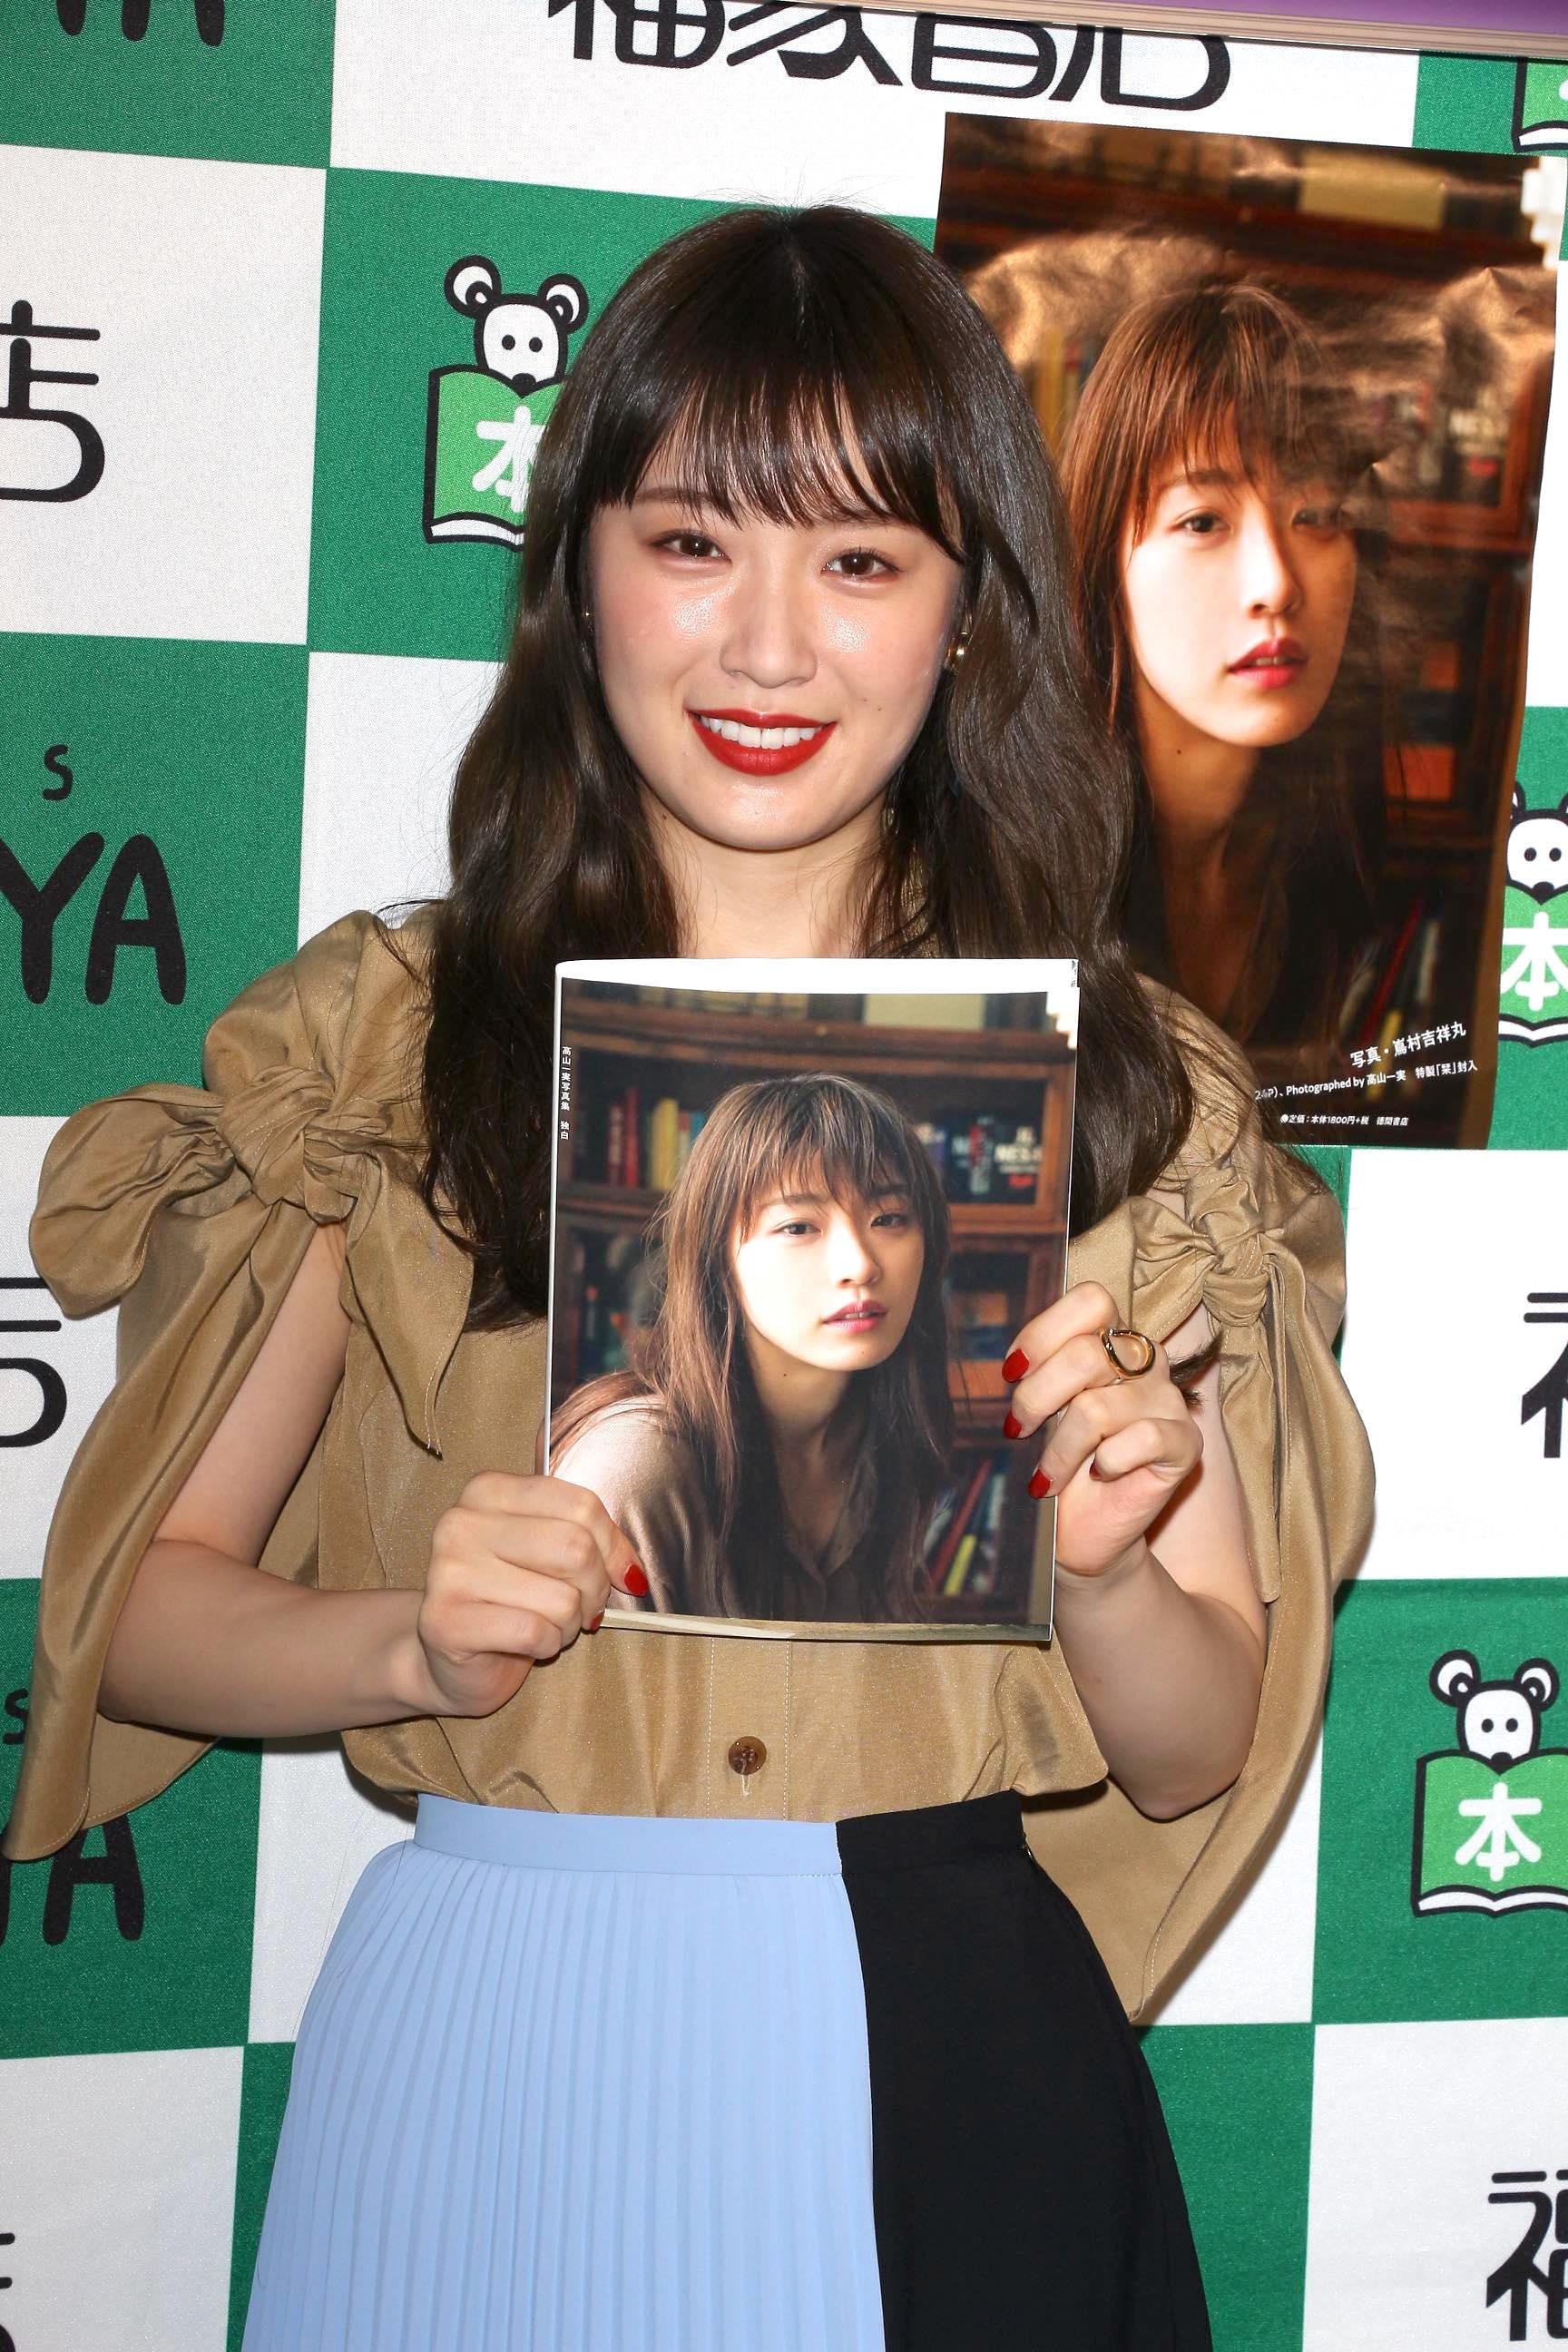 乃木坂46高山一実「昔から好きな言葉」と、抱負を語る。『独白』インタビュー(4/5)の画像003